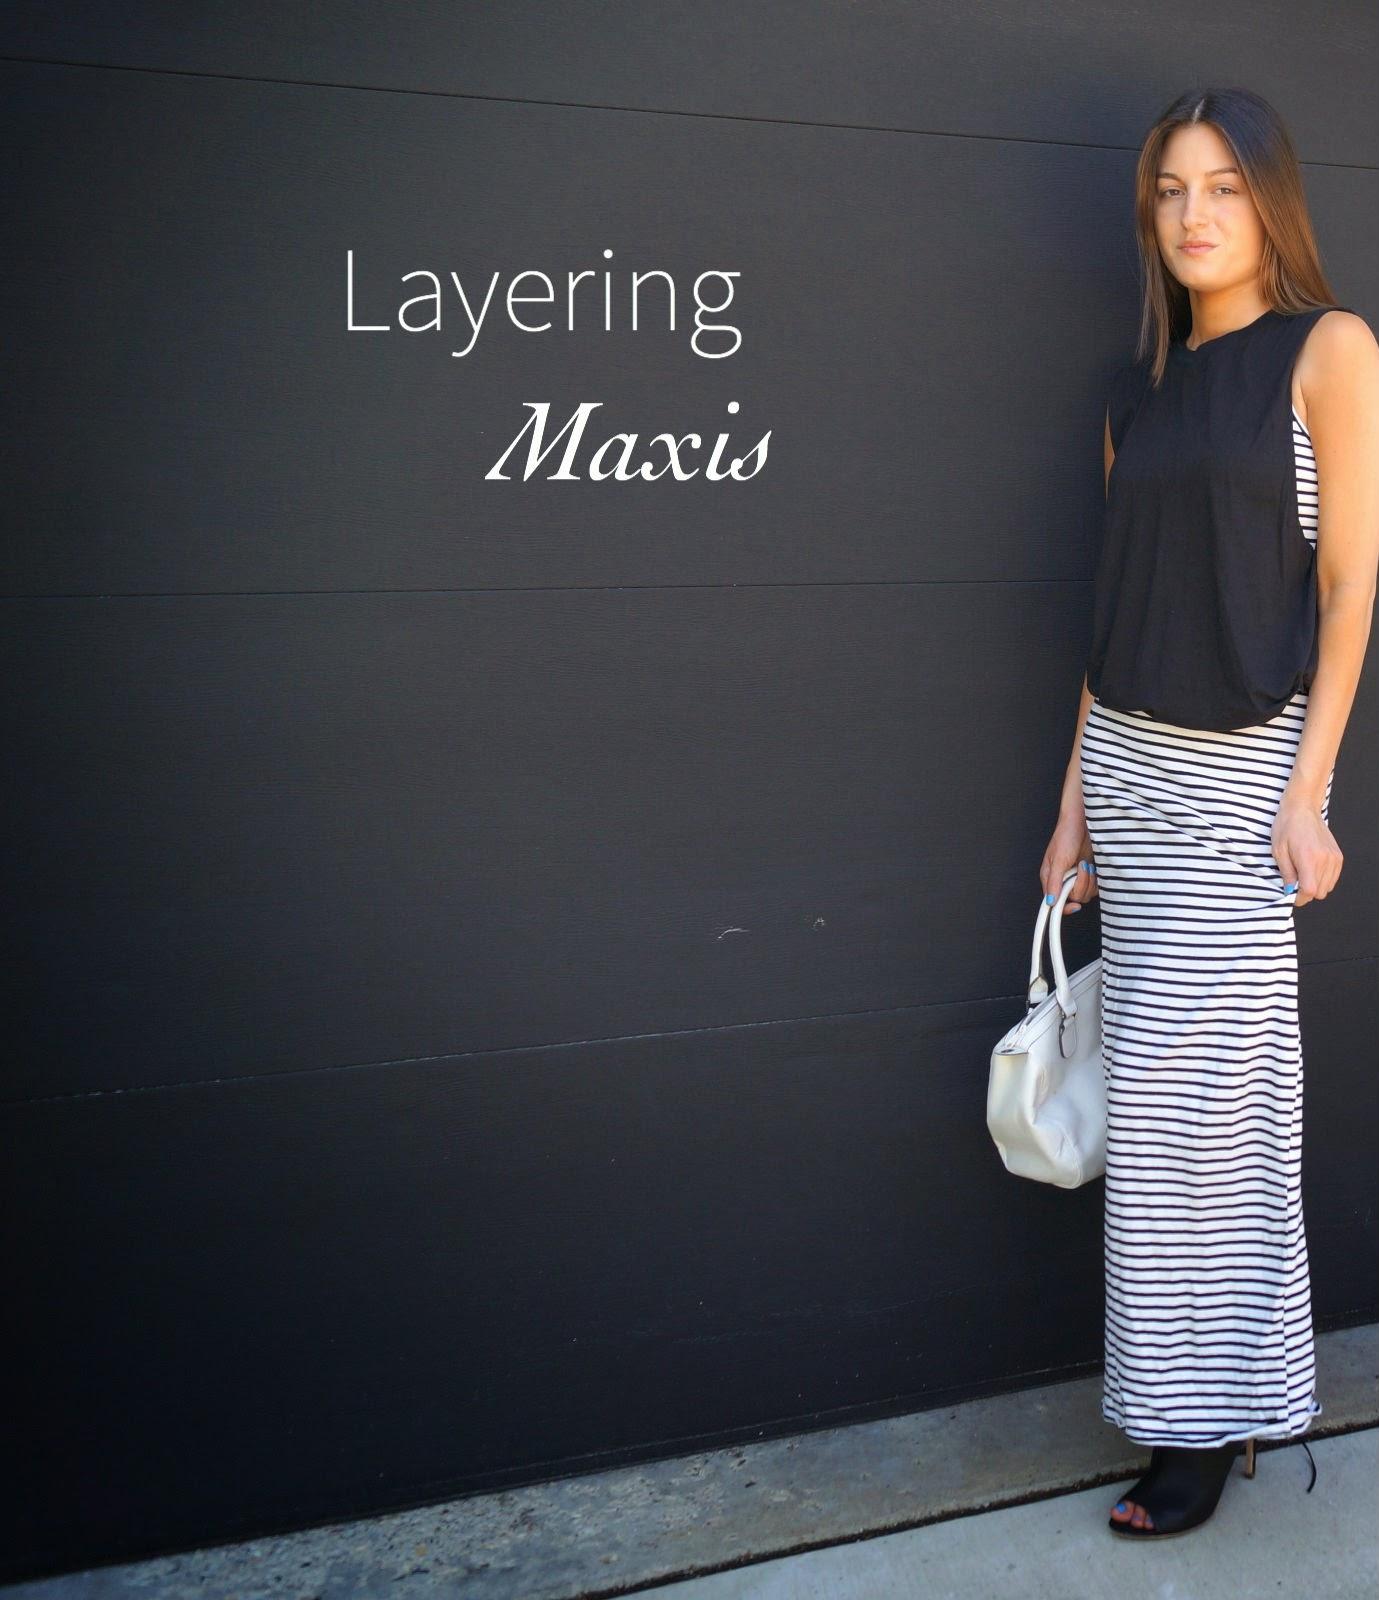 Layering Maxis